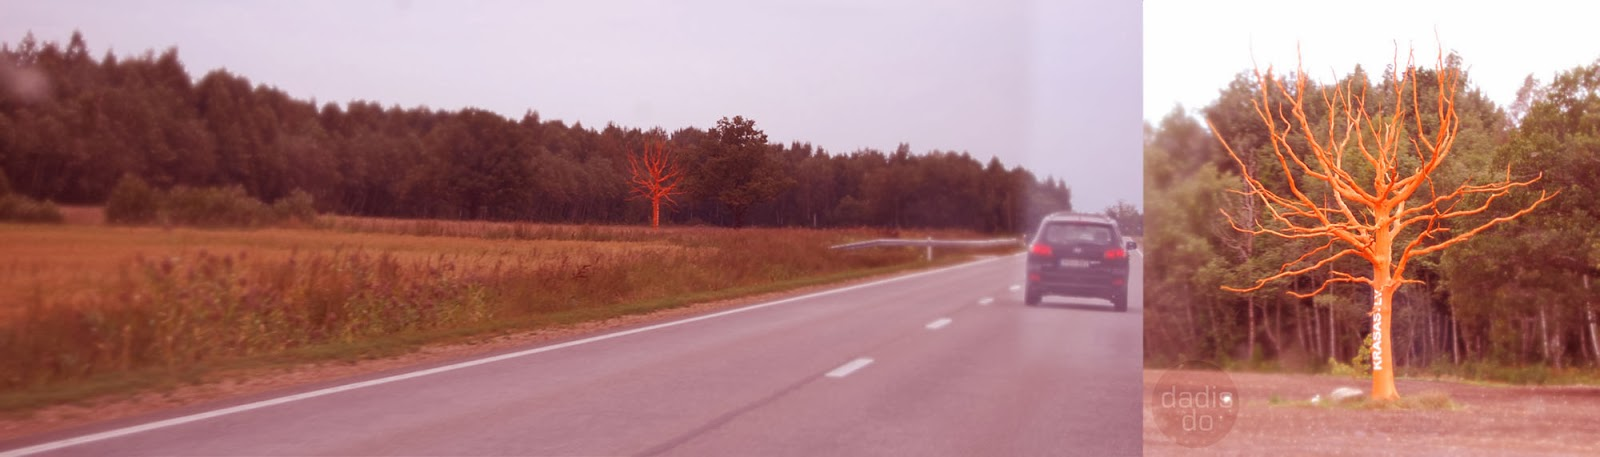 Ceļš vienmēr nozīmē kustību